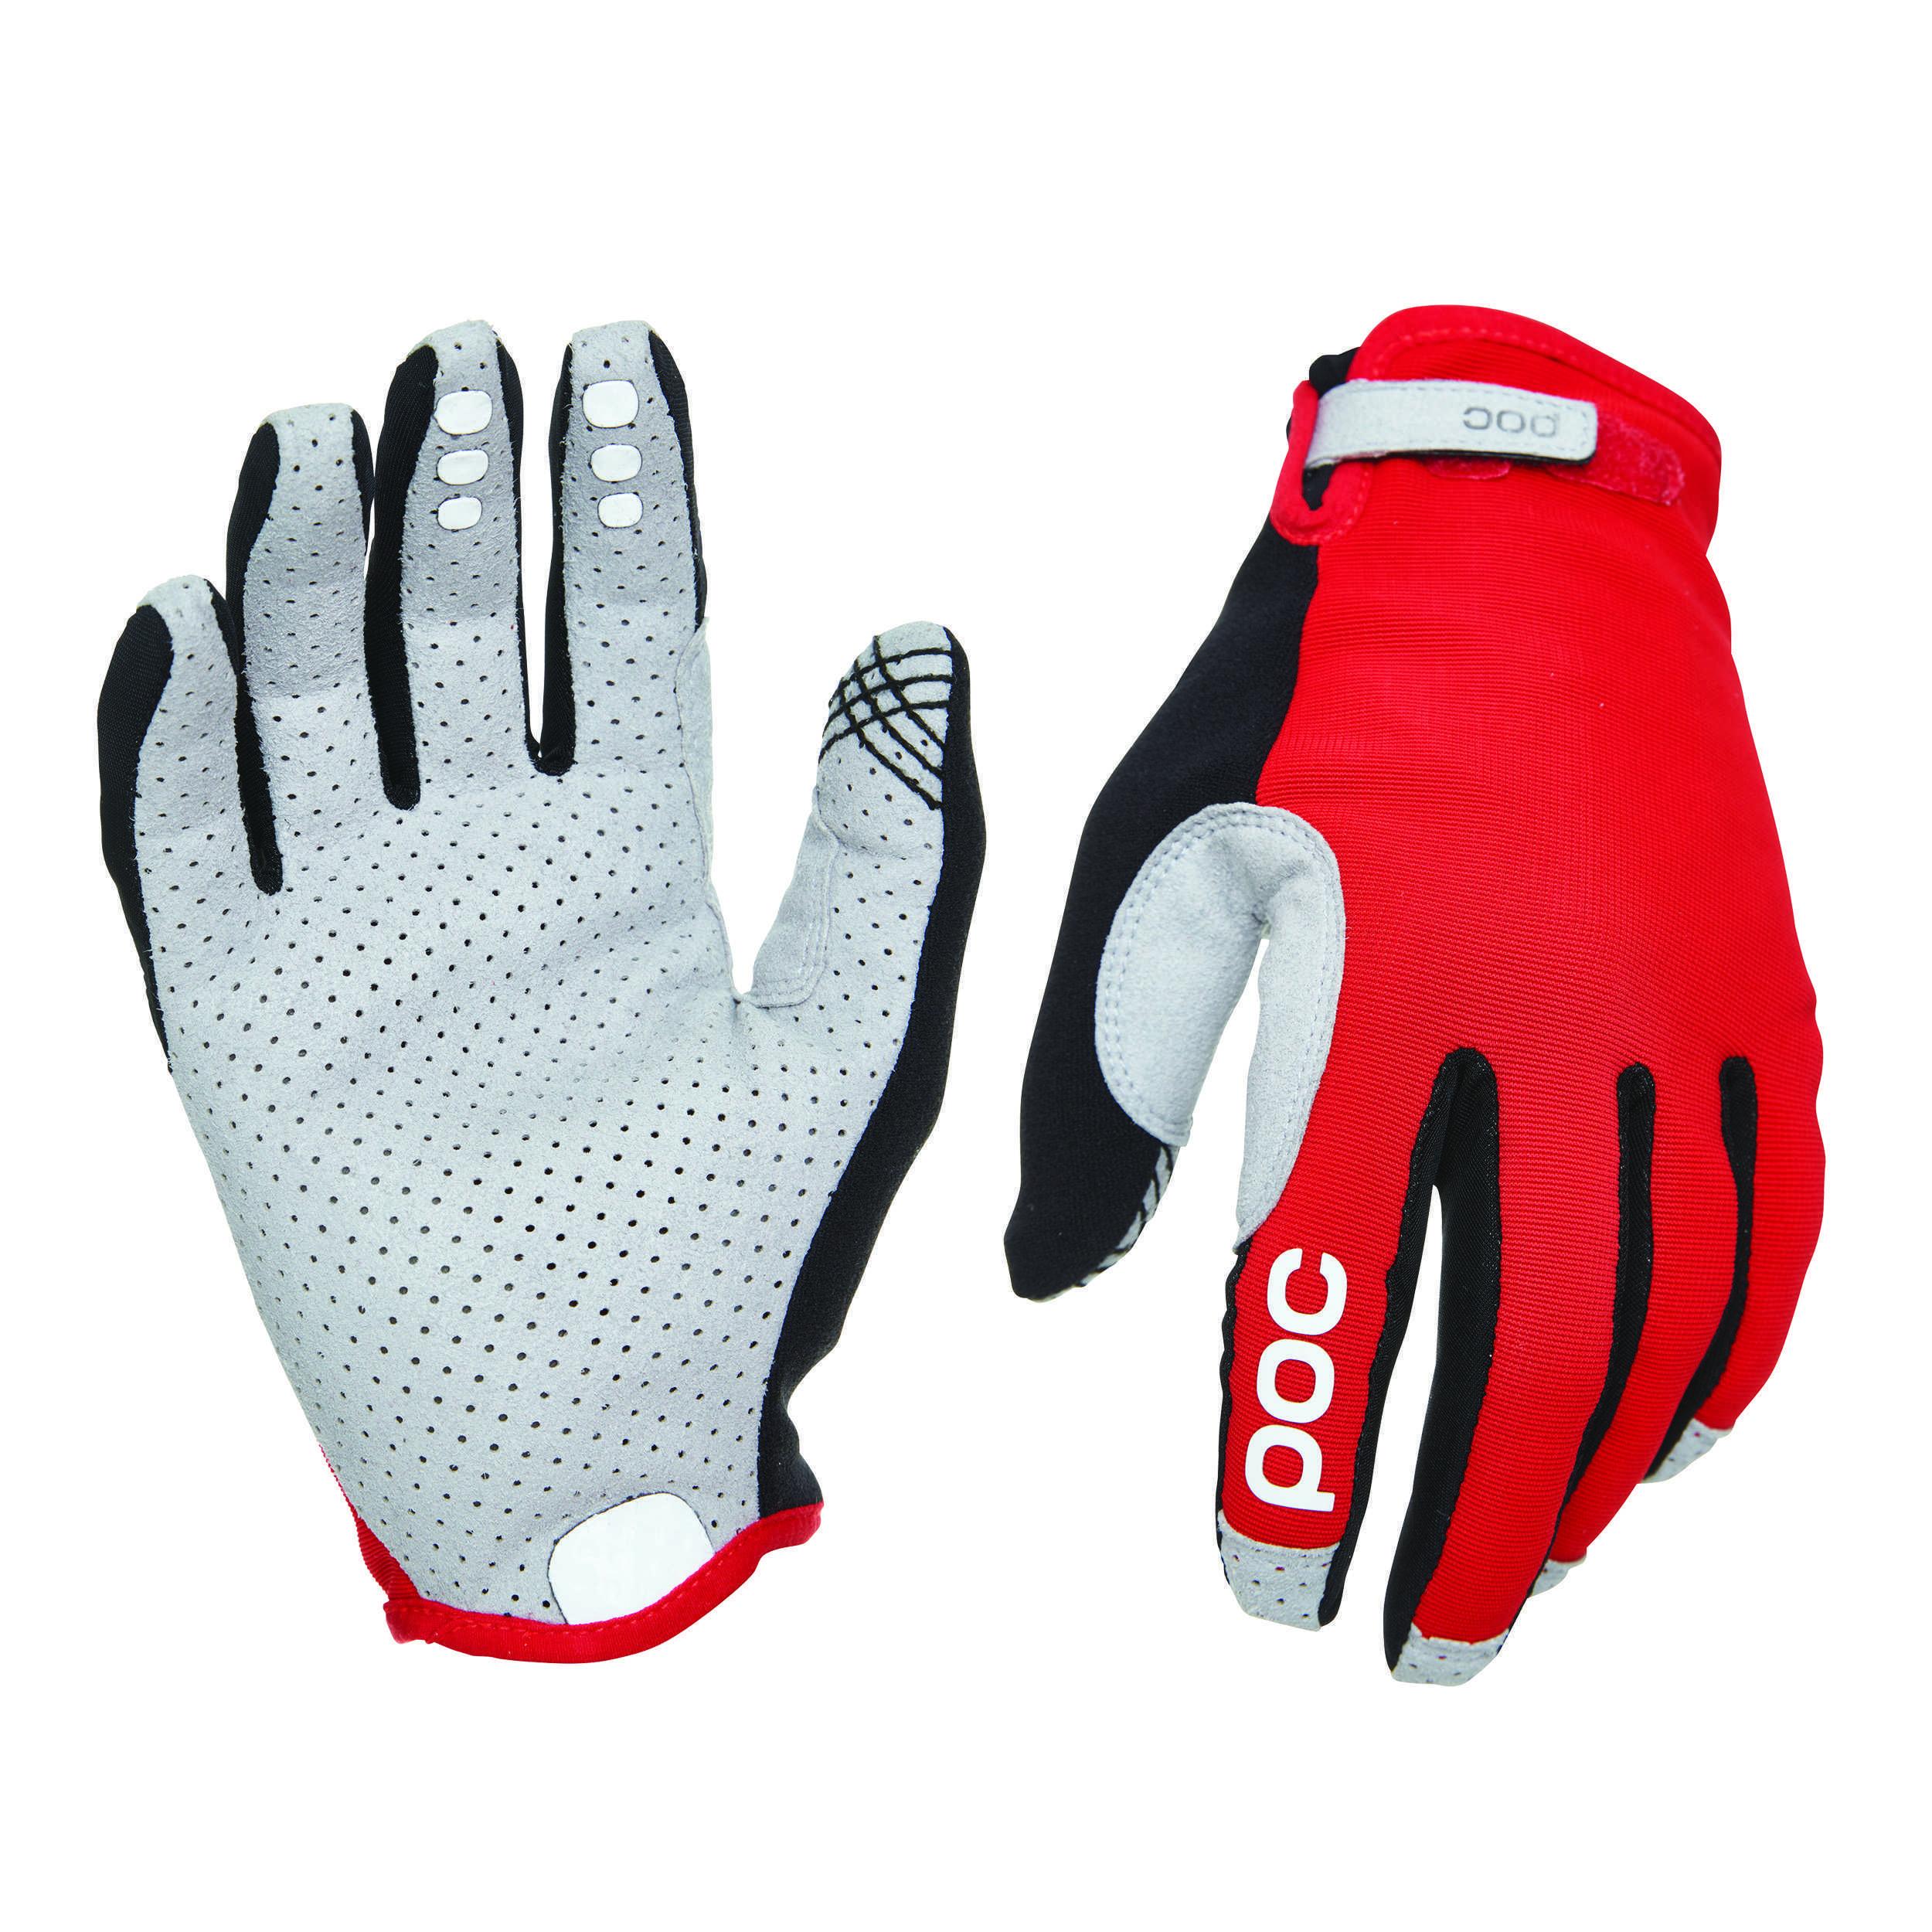 Handsker POC Resistance Enduro Adjustable rød | Gloves